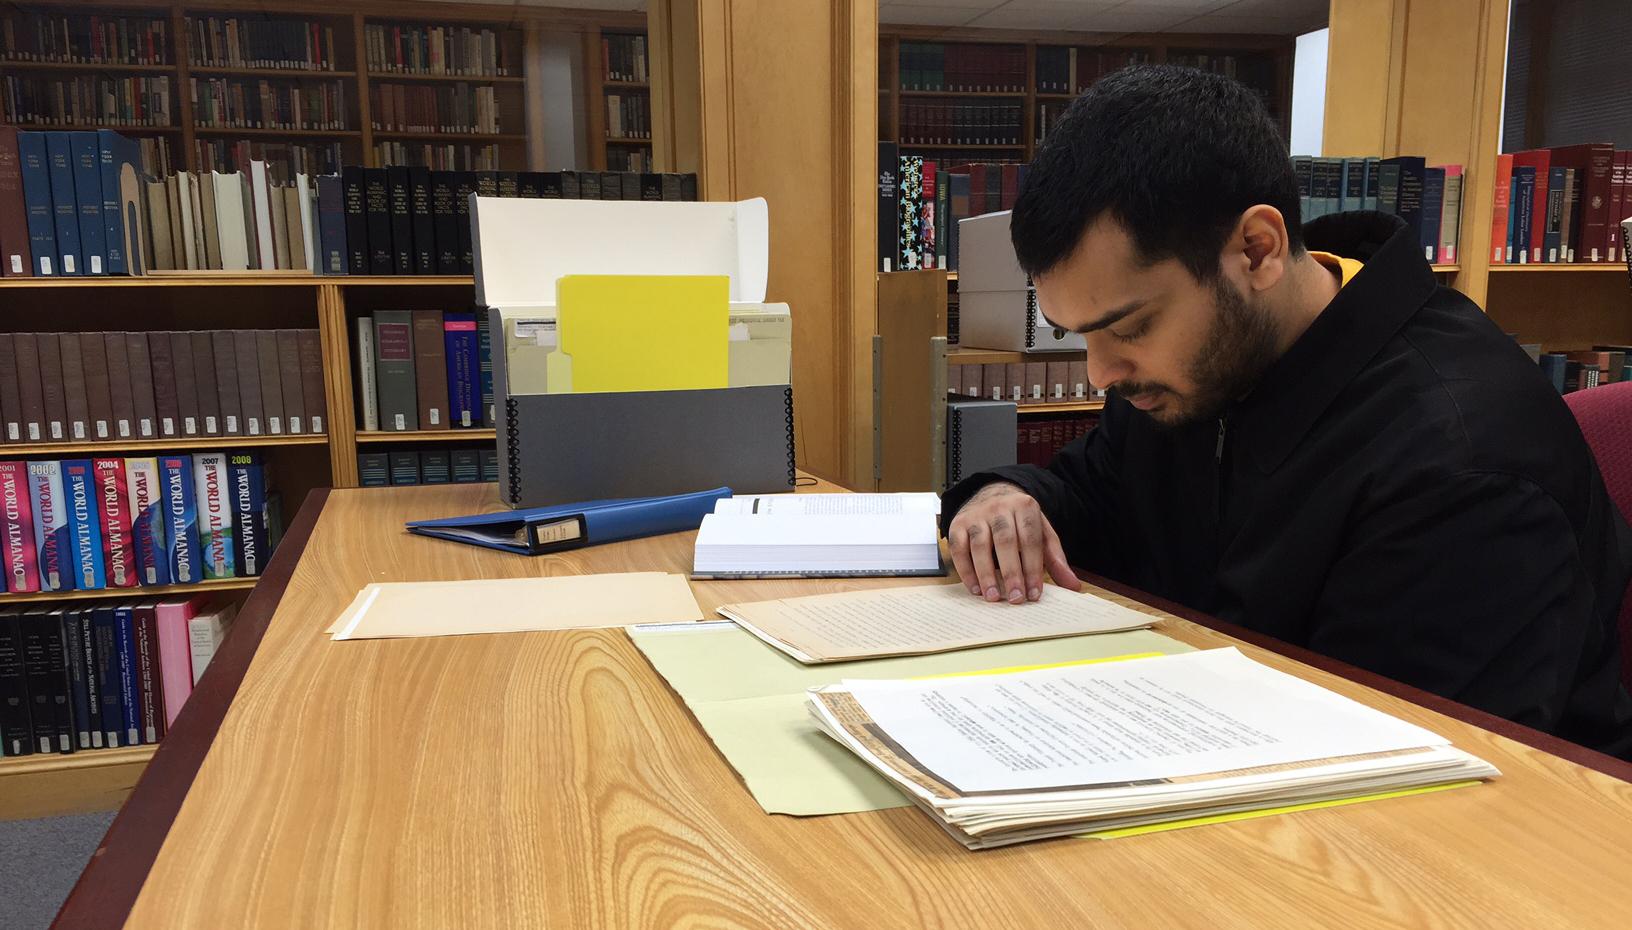 Undergraduate student reading.